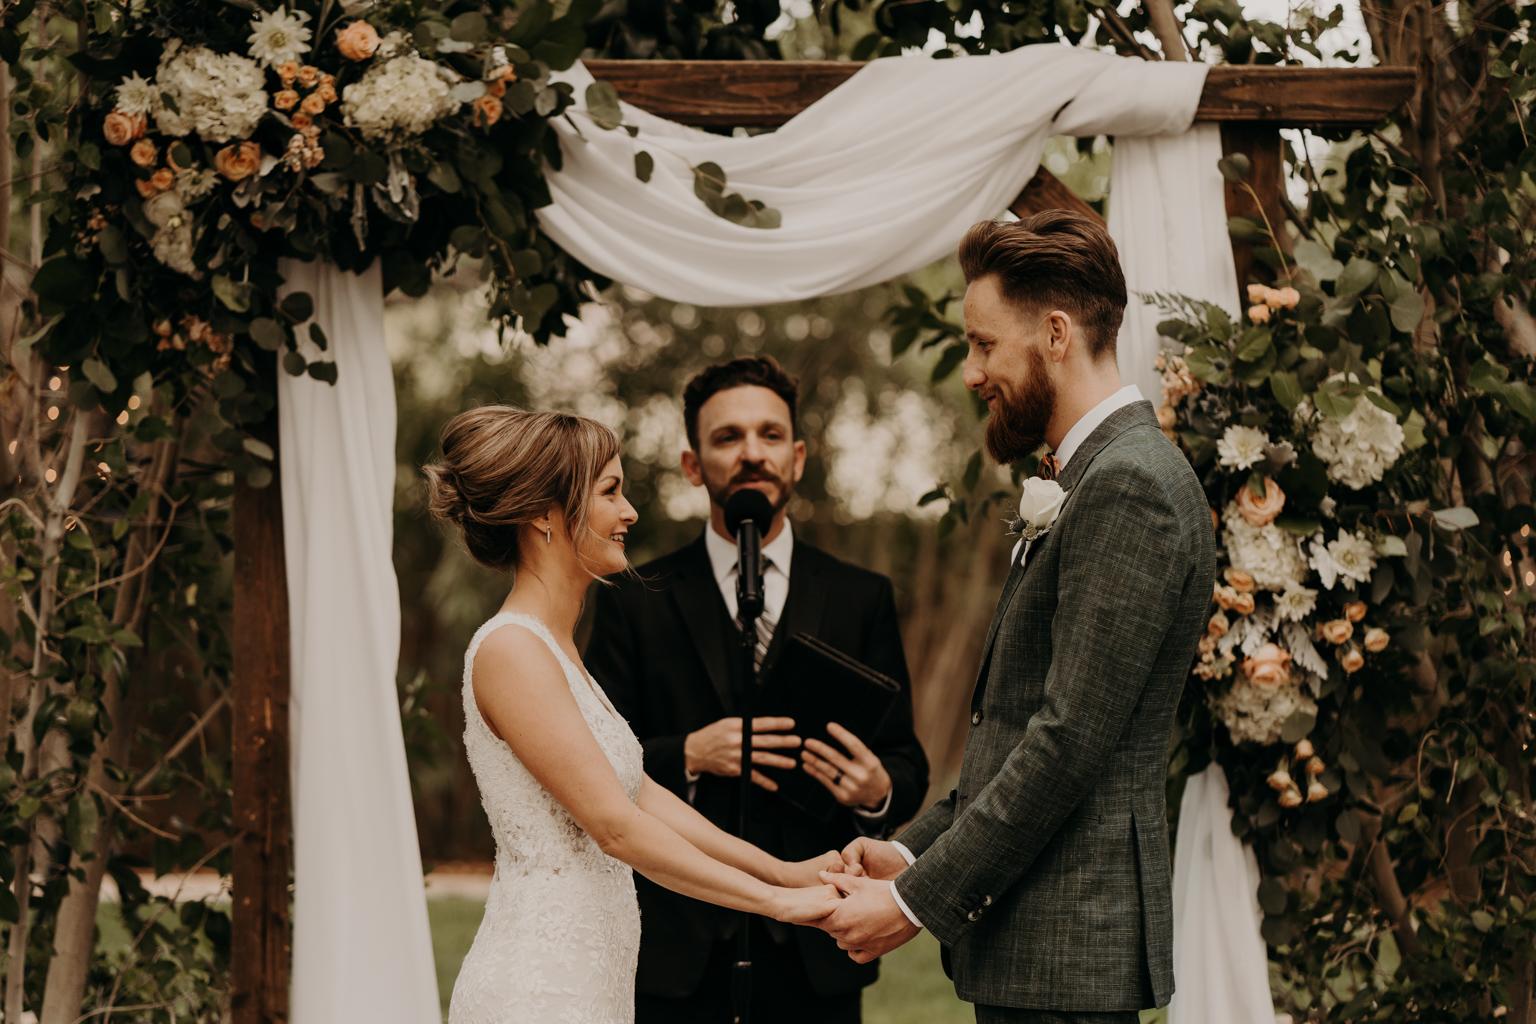 trouweninhetbuitenland_huwelijksfotografie_roxannedankers-23.jpg